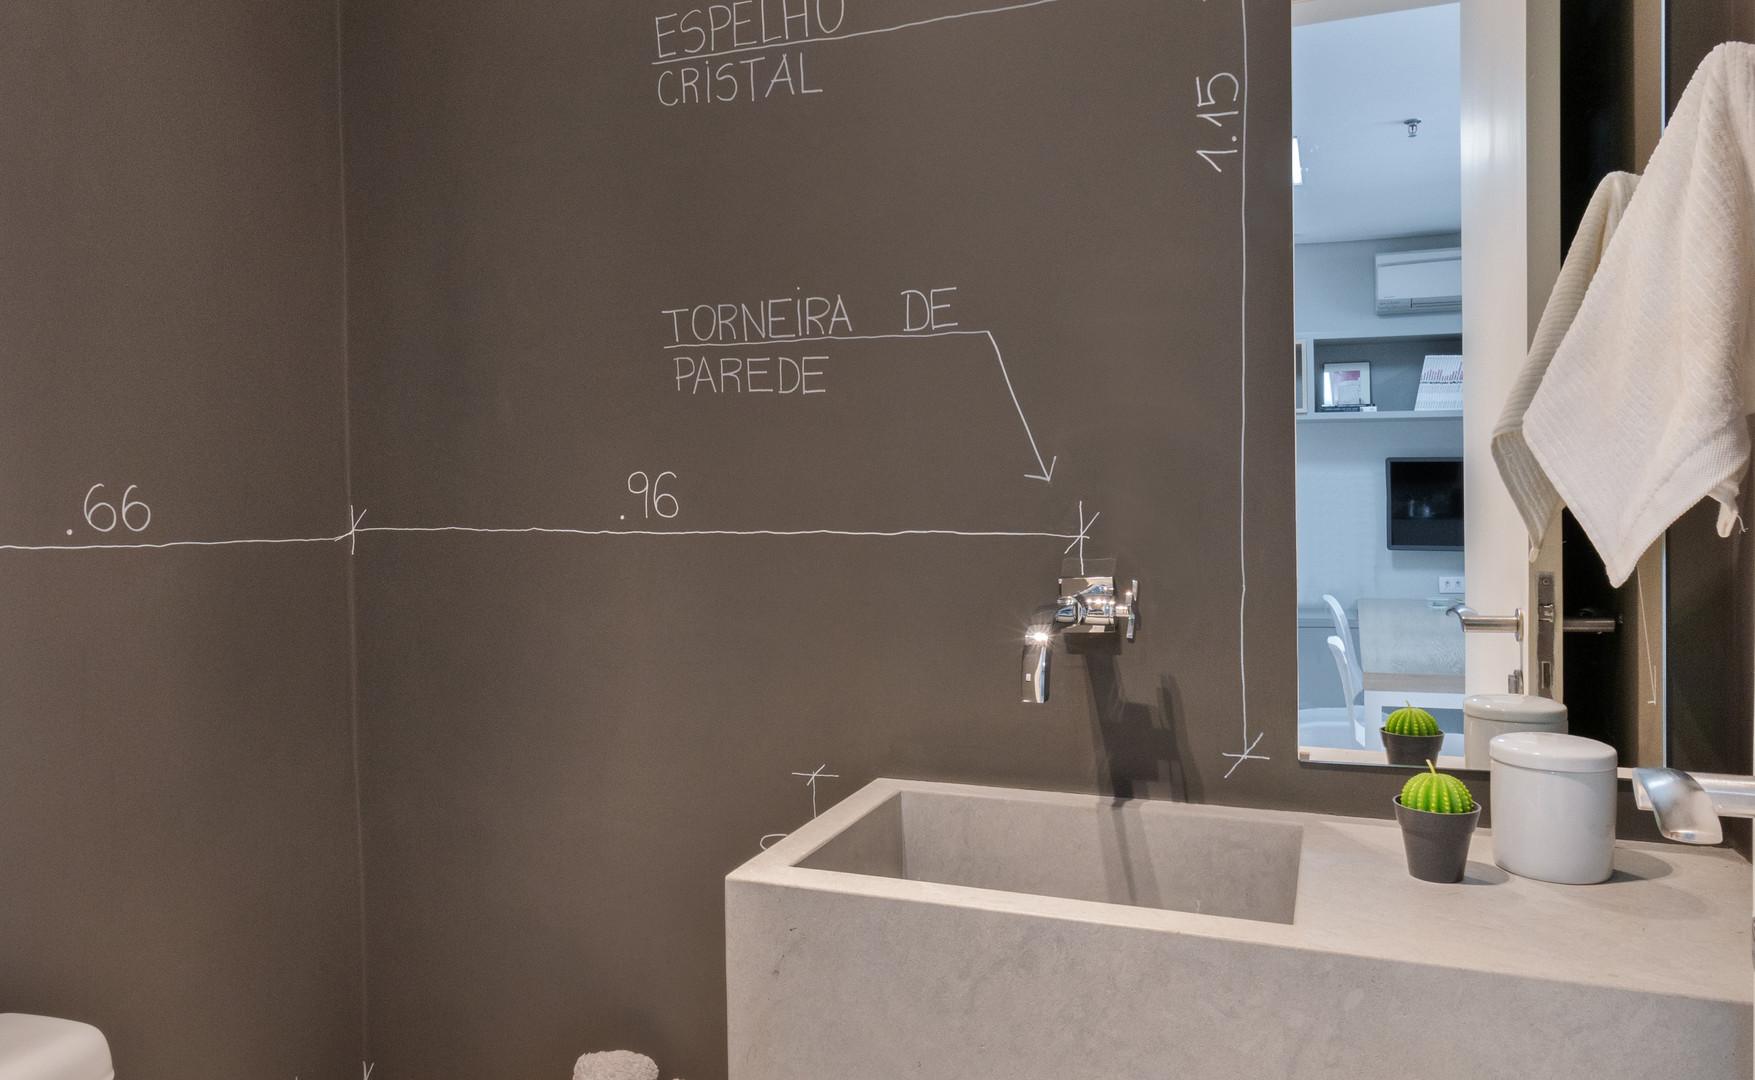 Lavabo com cuba esculpida e desenhos nas paredes.